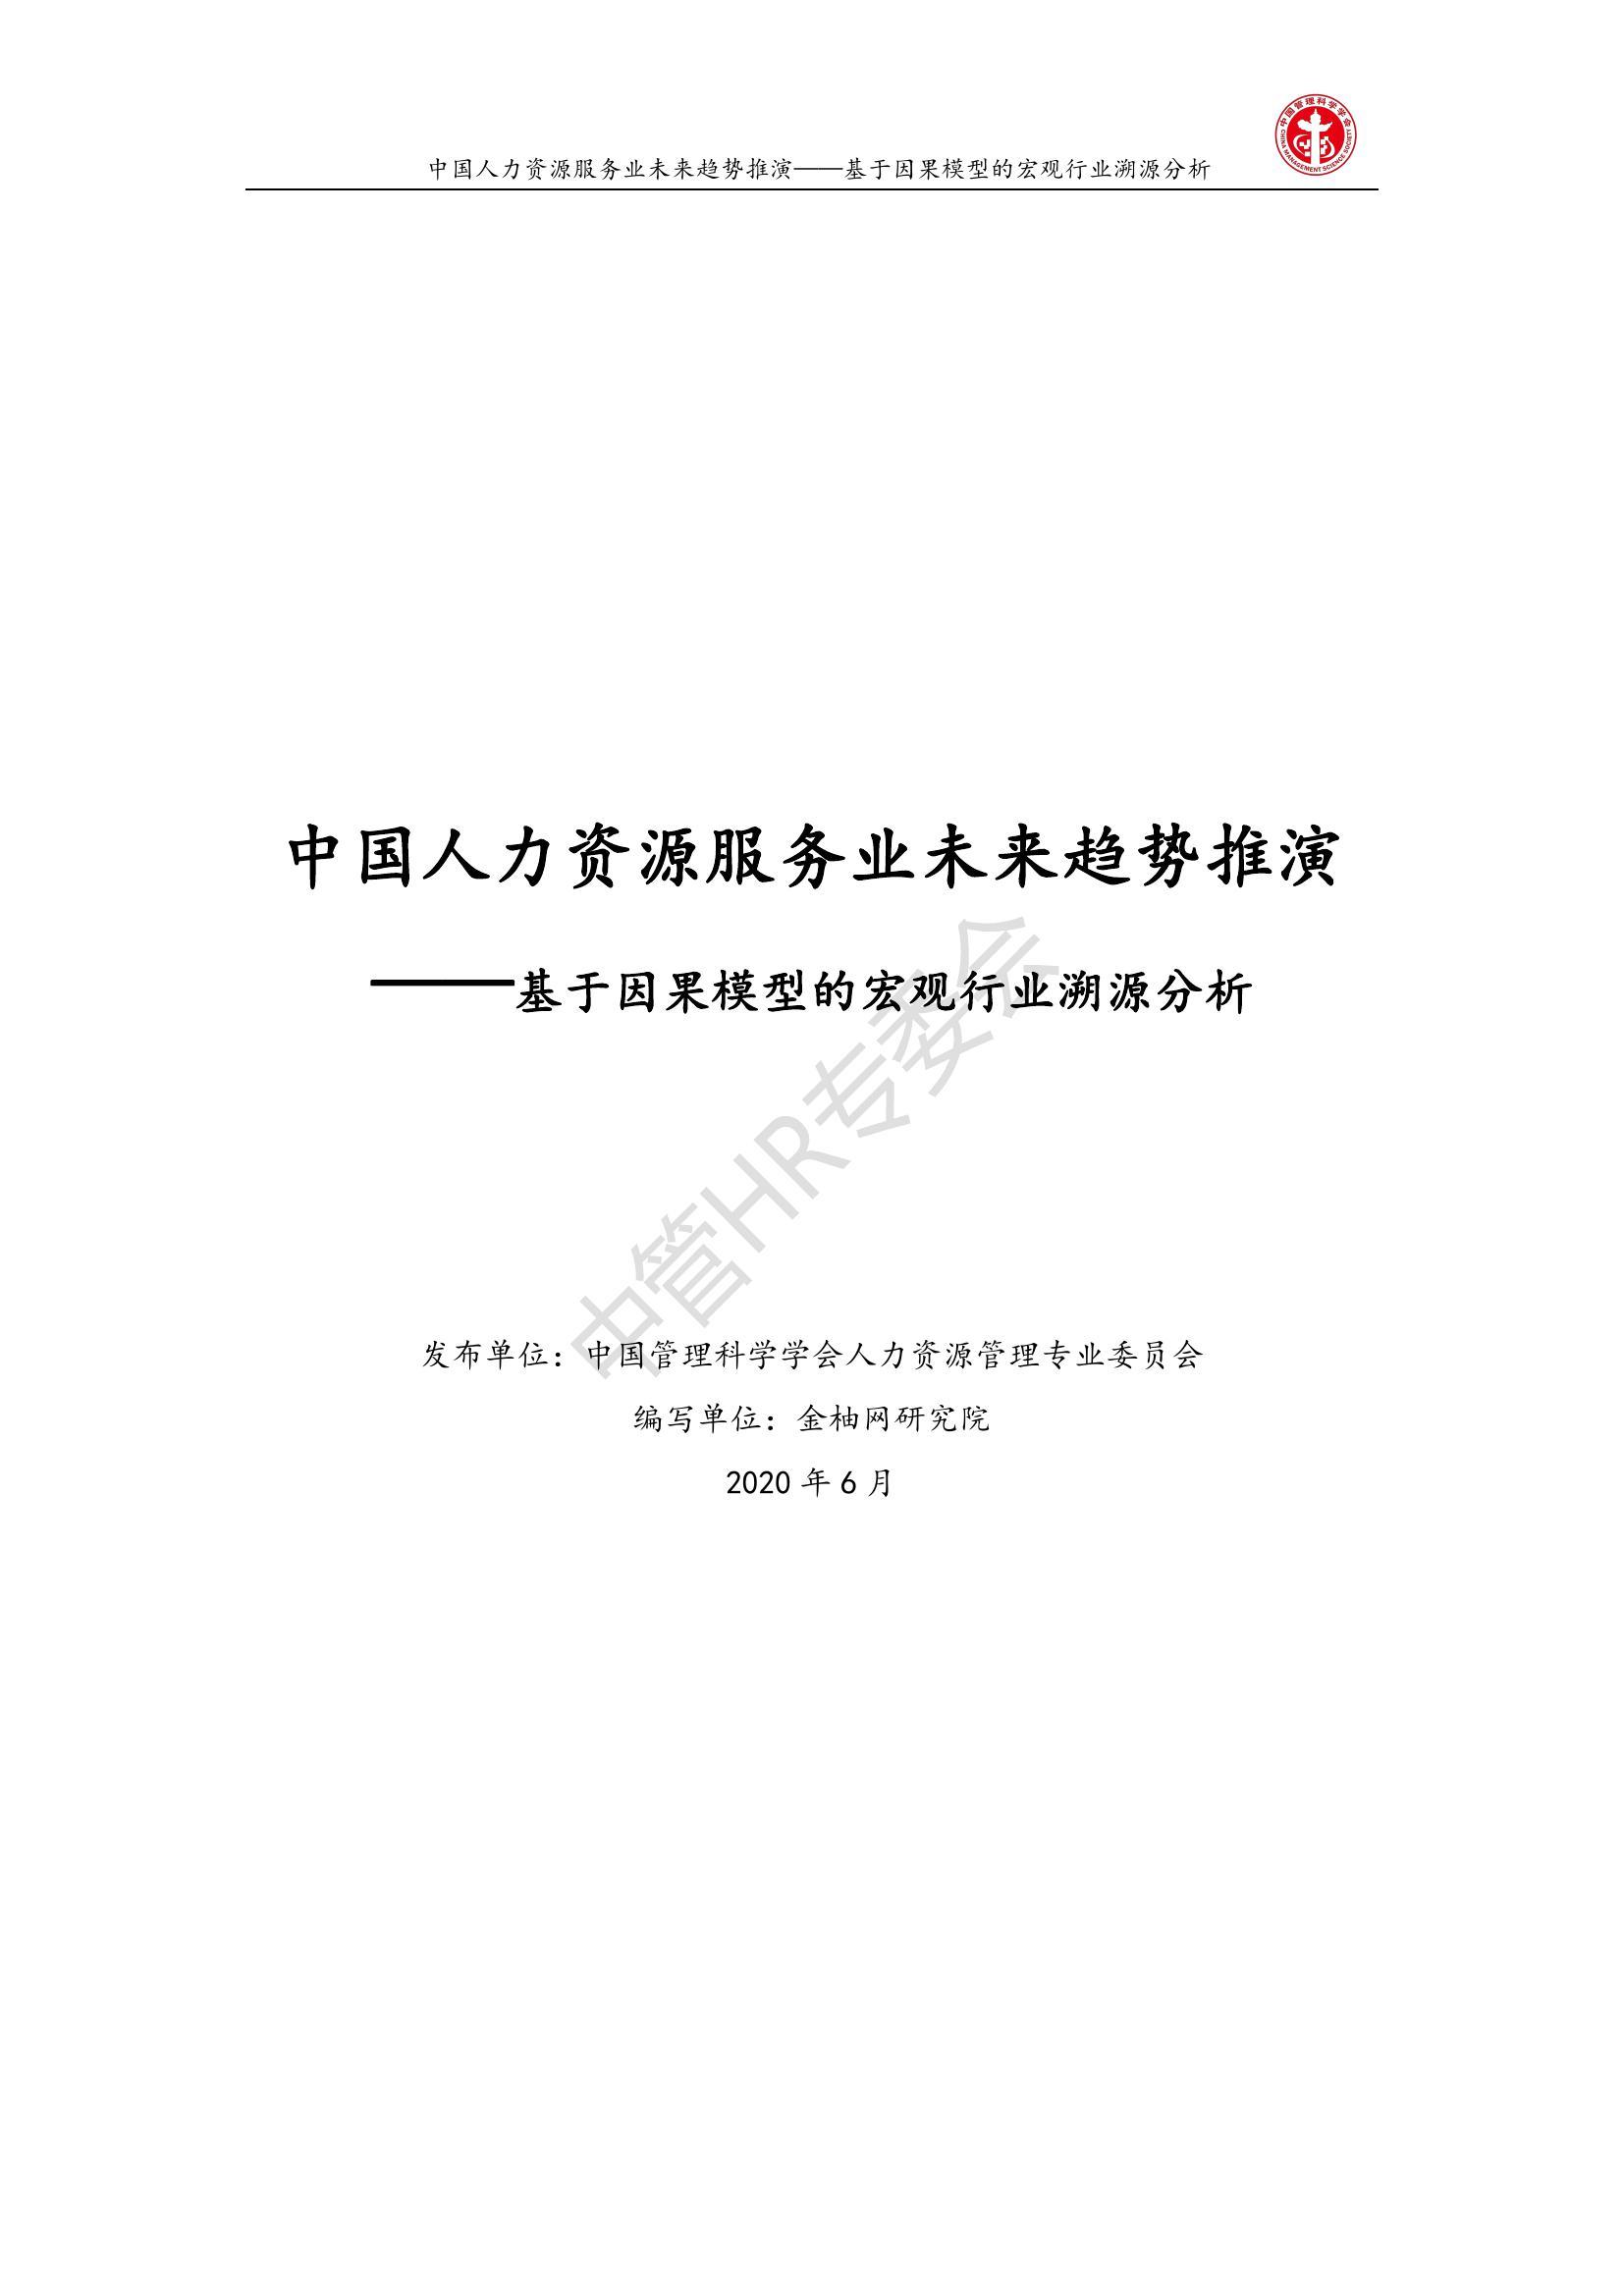 中管HR专委会:中国人力资源服务业未来趋势推演(附下载)